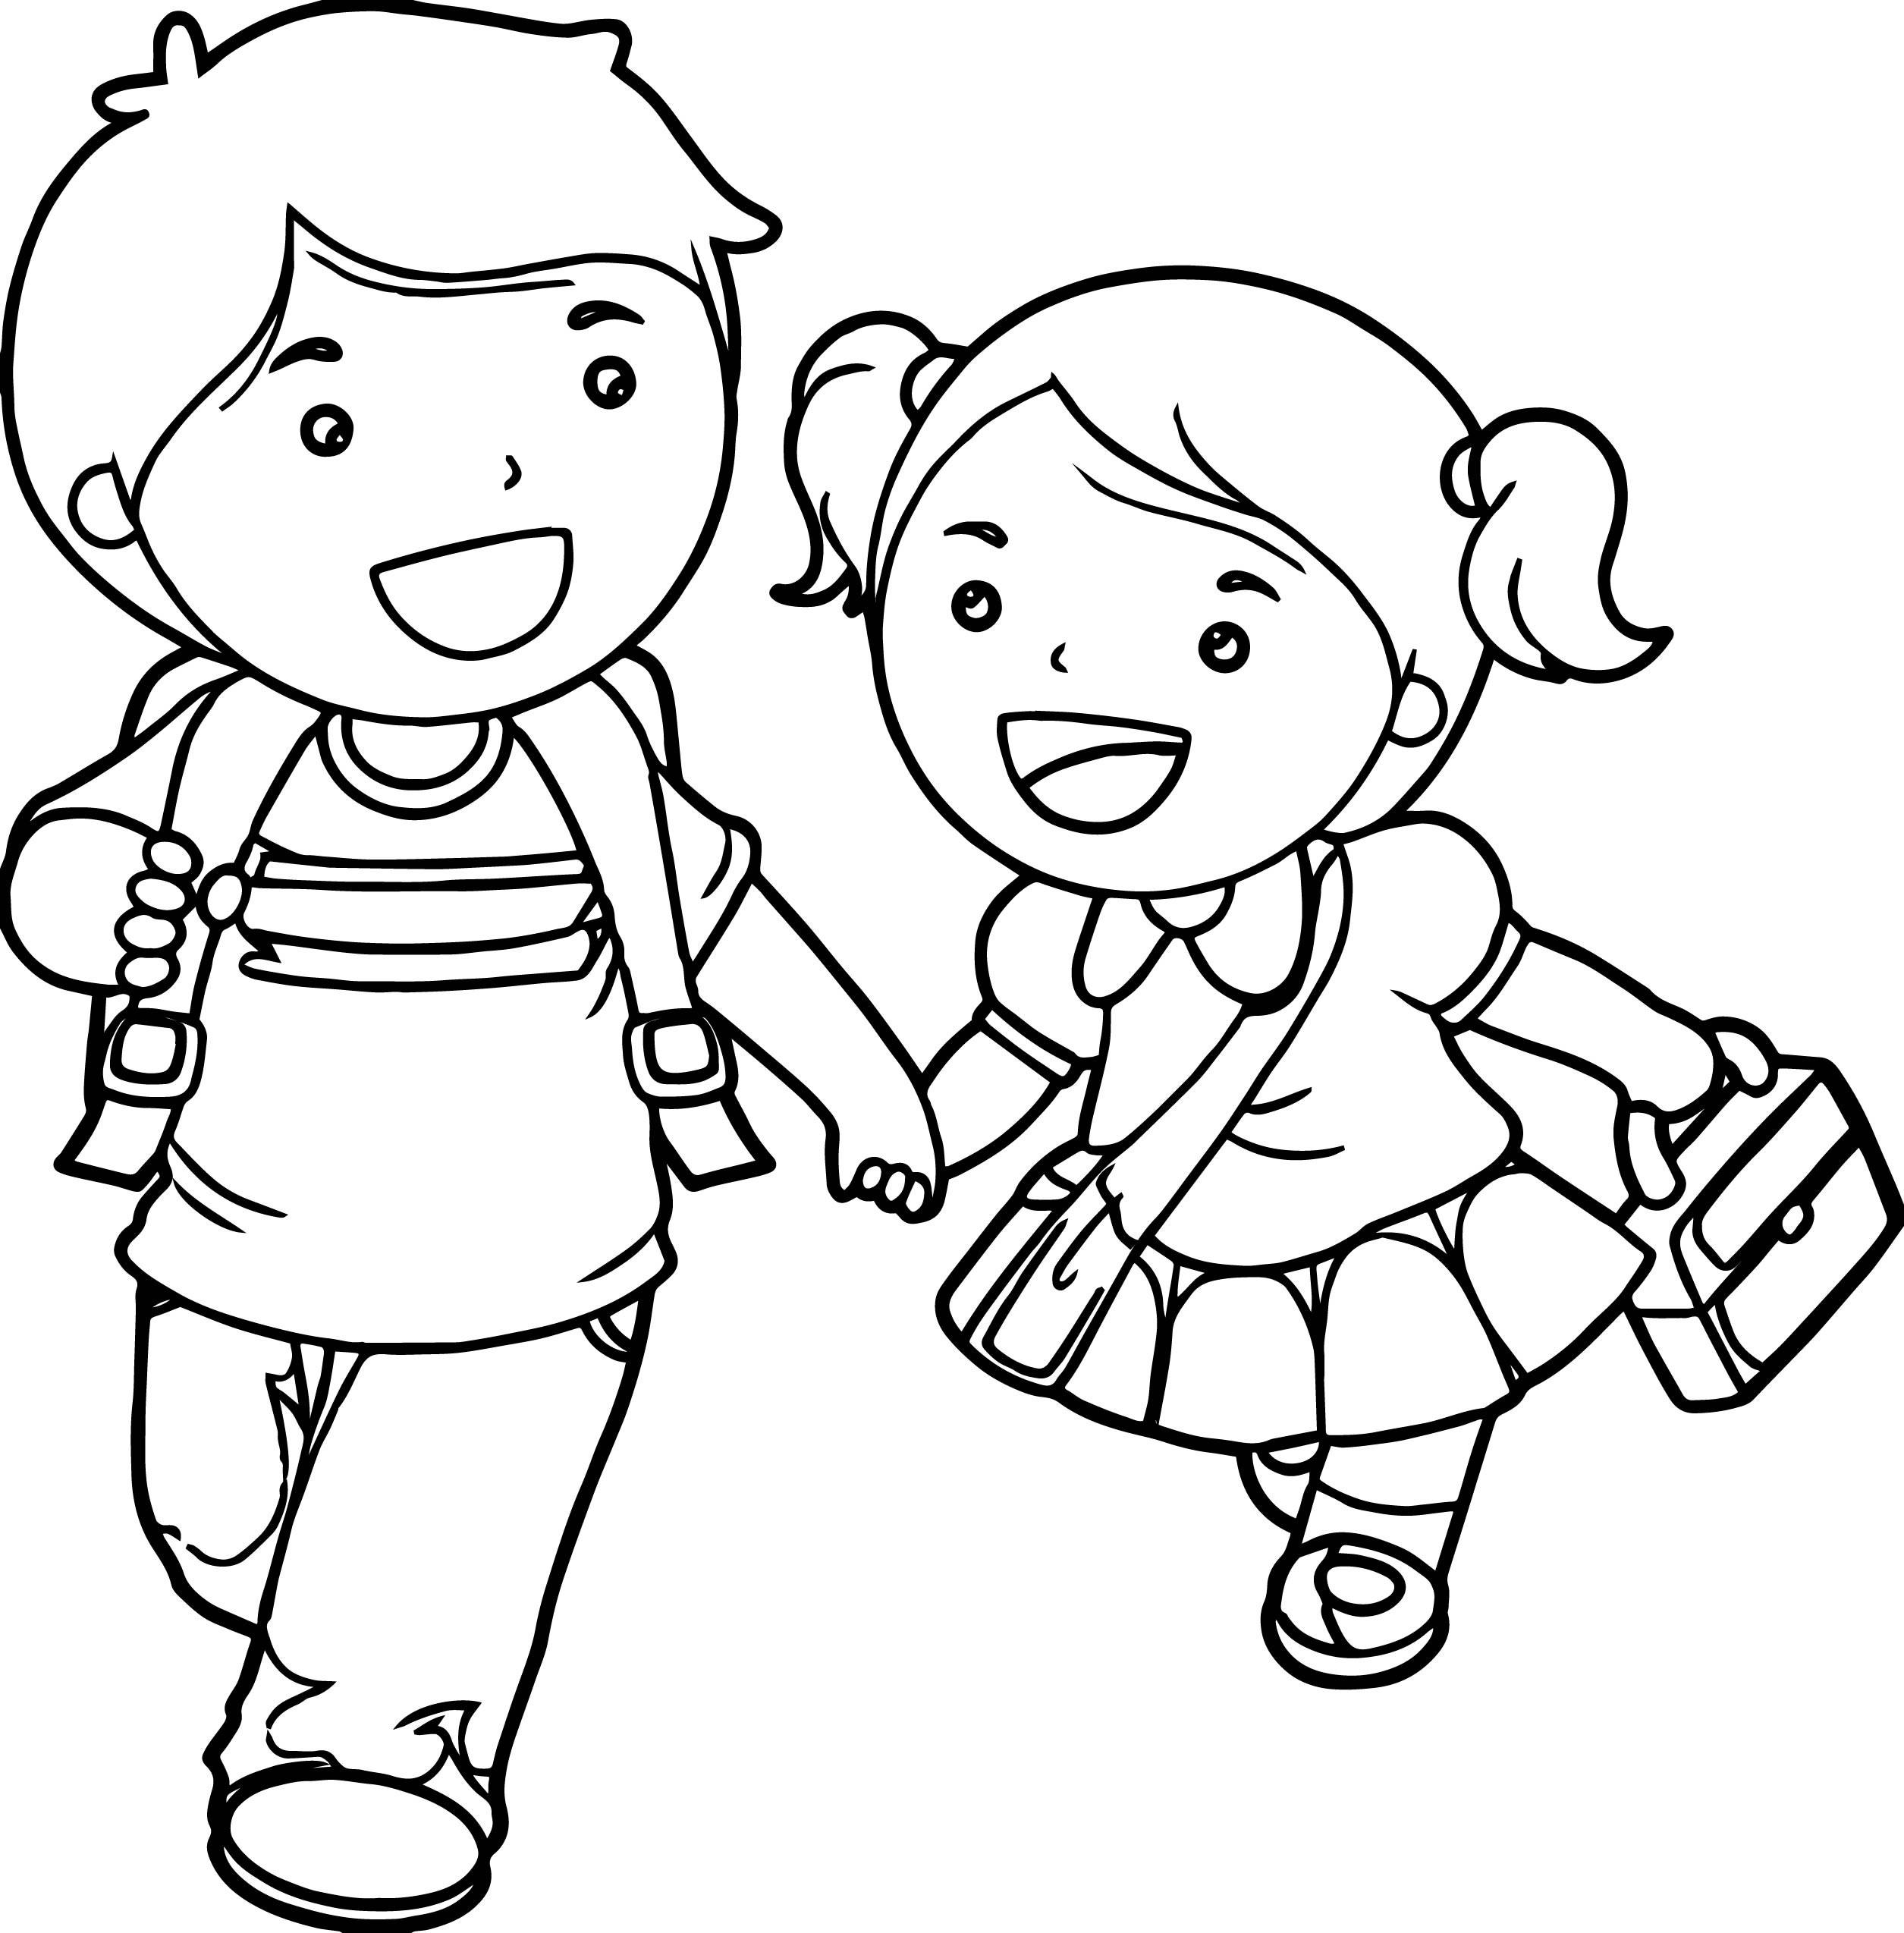 Tranh tô màu bạn trai, bạn gái đi hoc